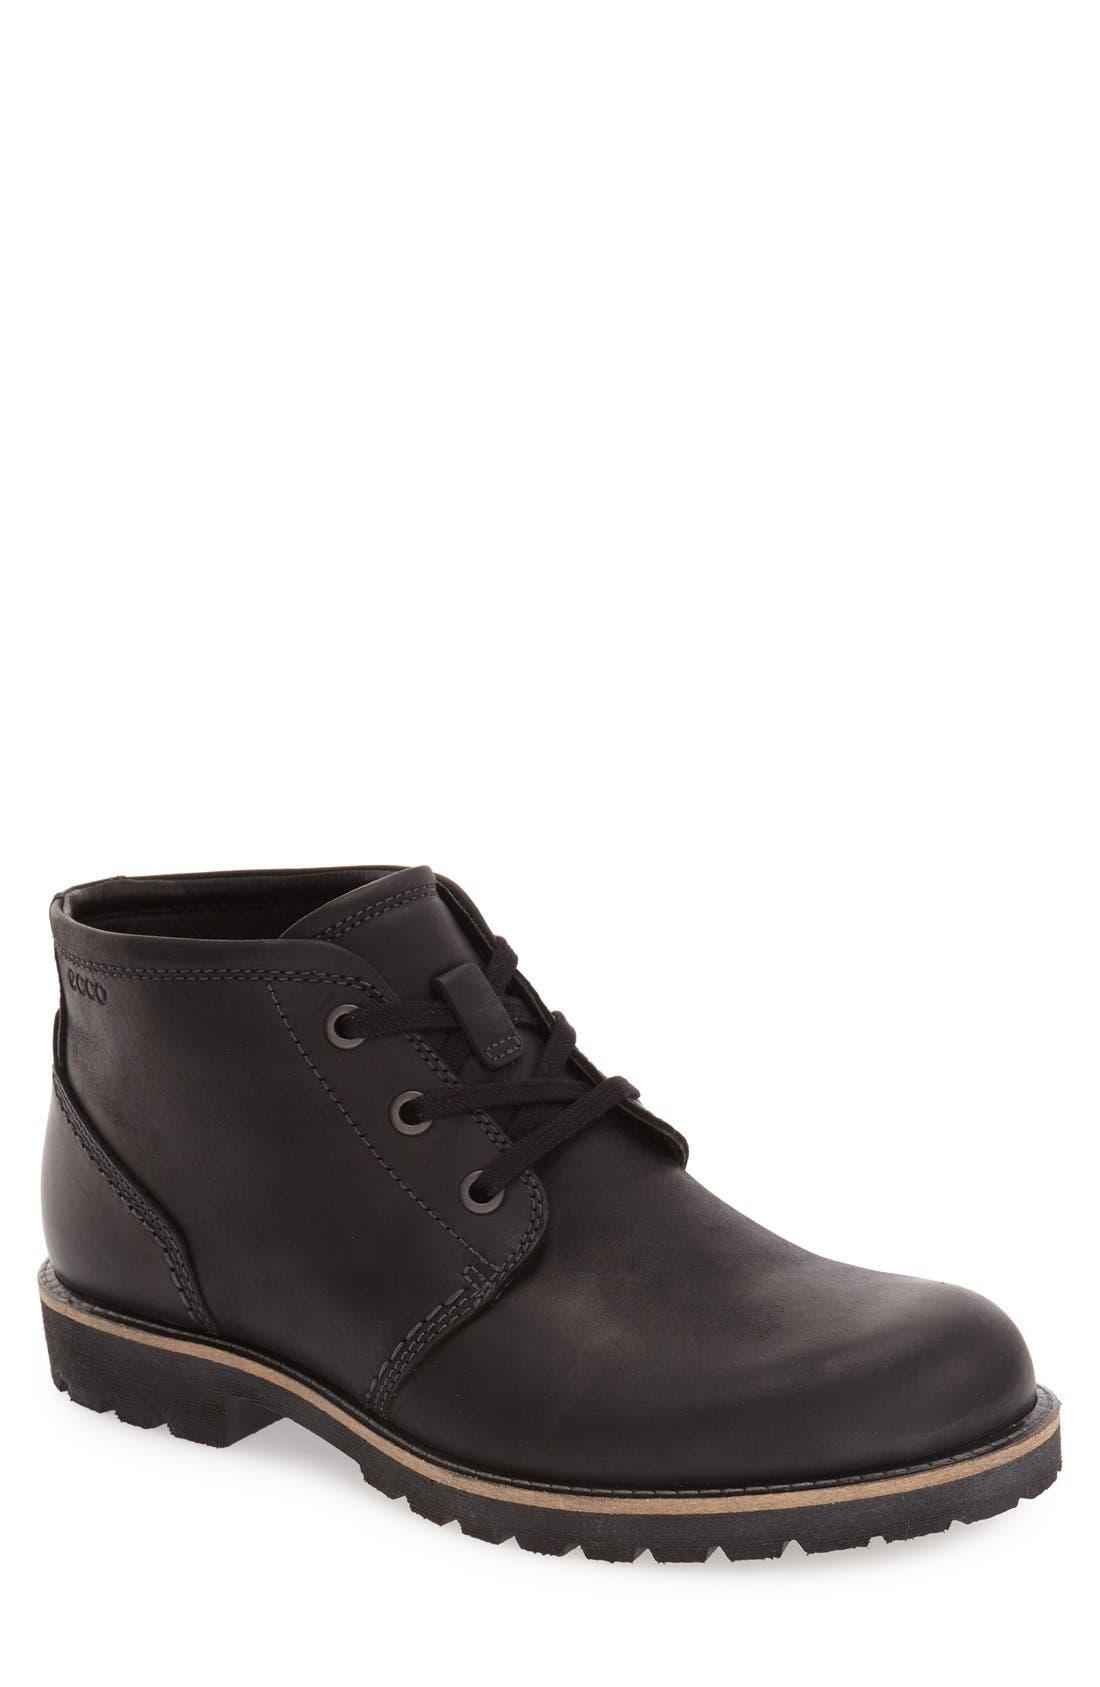 ECCO 'Jamestown' Chukka Boot, Main, color, 001